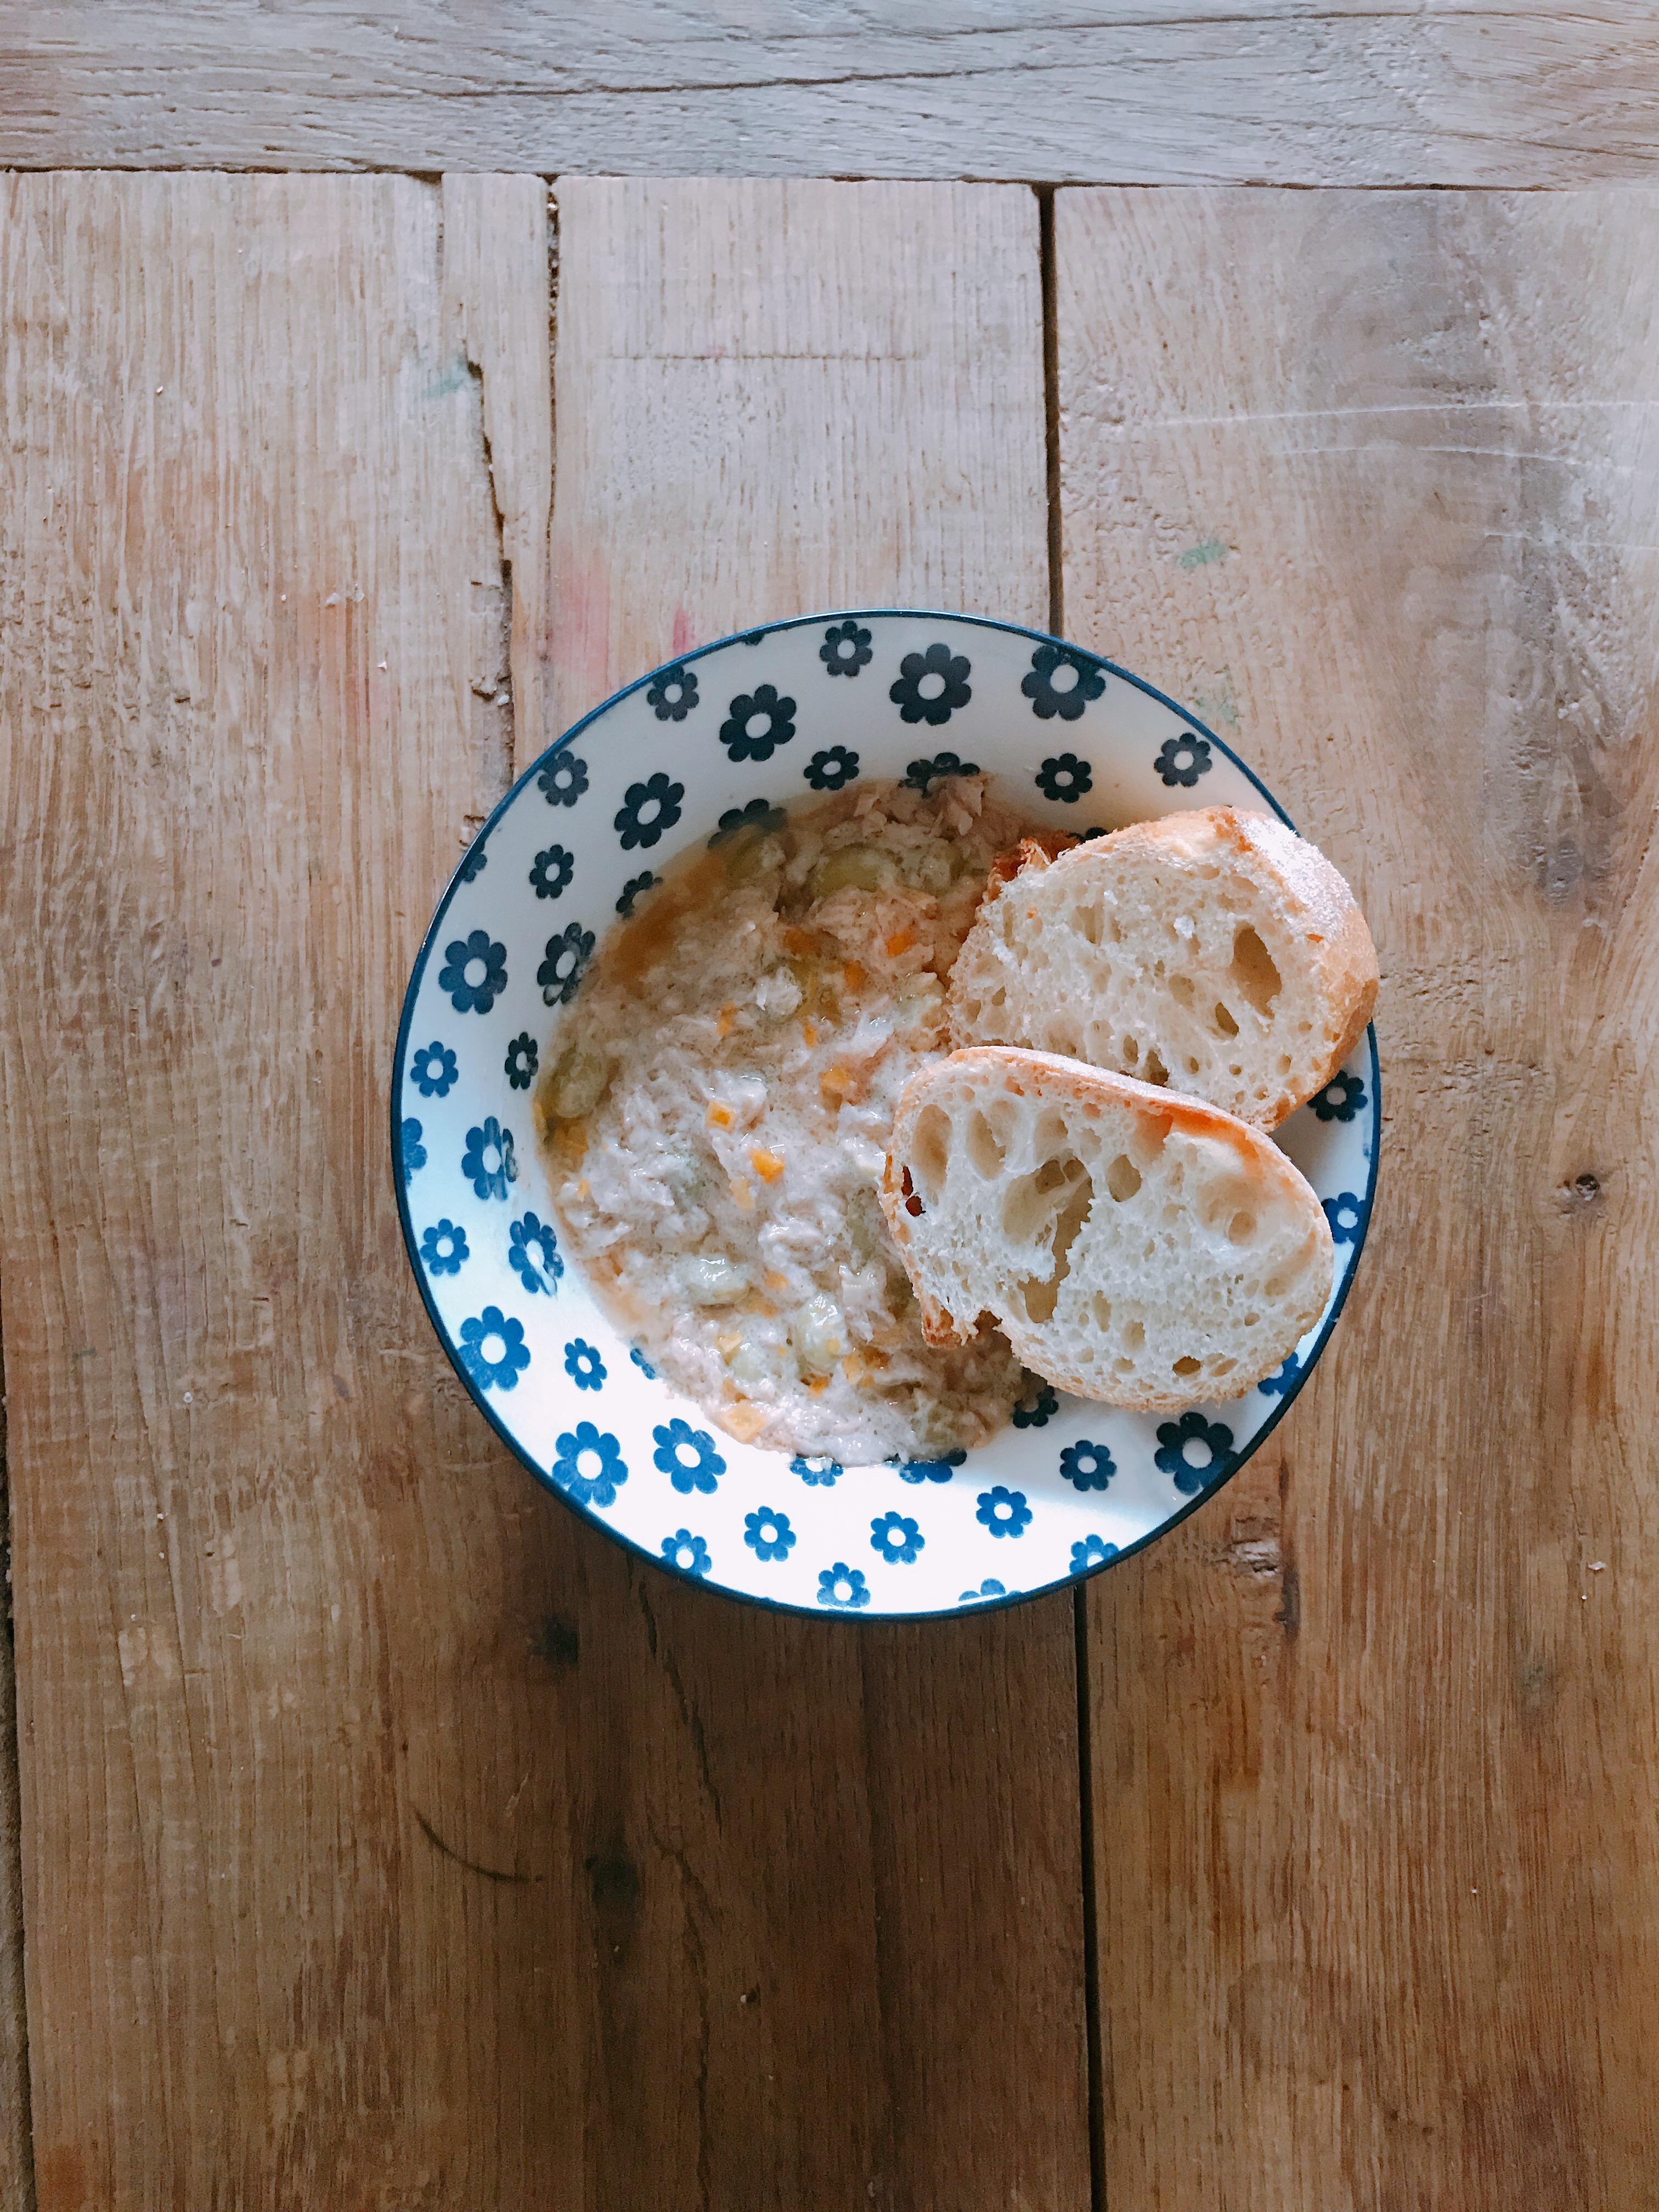 Gewoon lekkere tonijnsalade met een twist